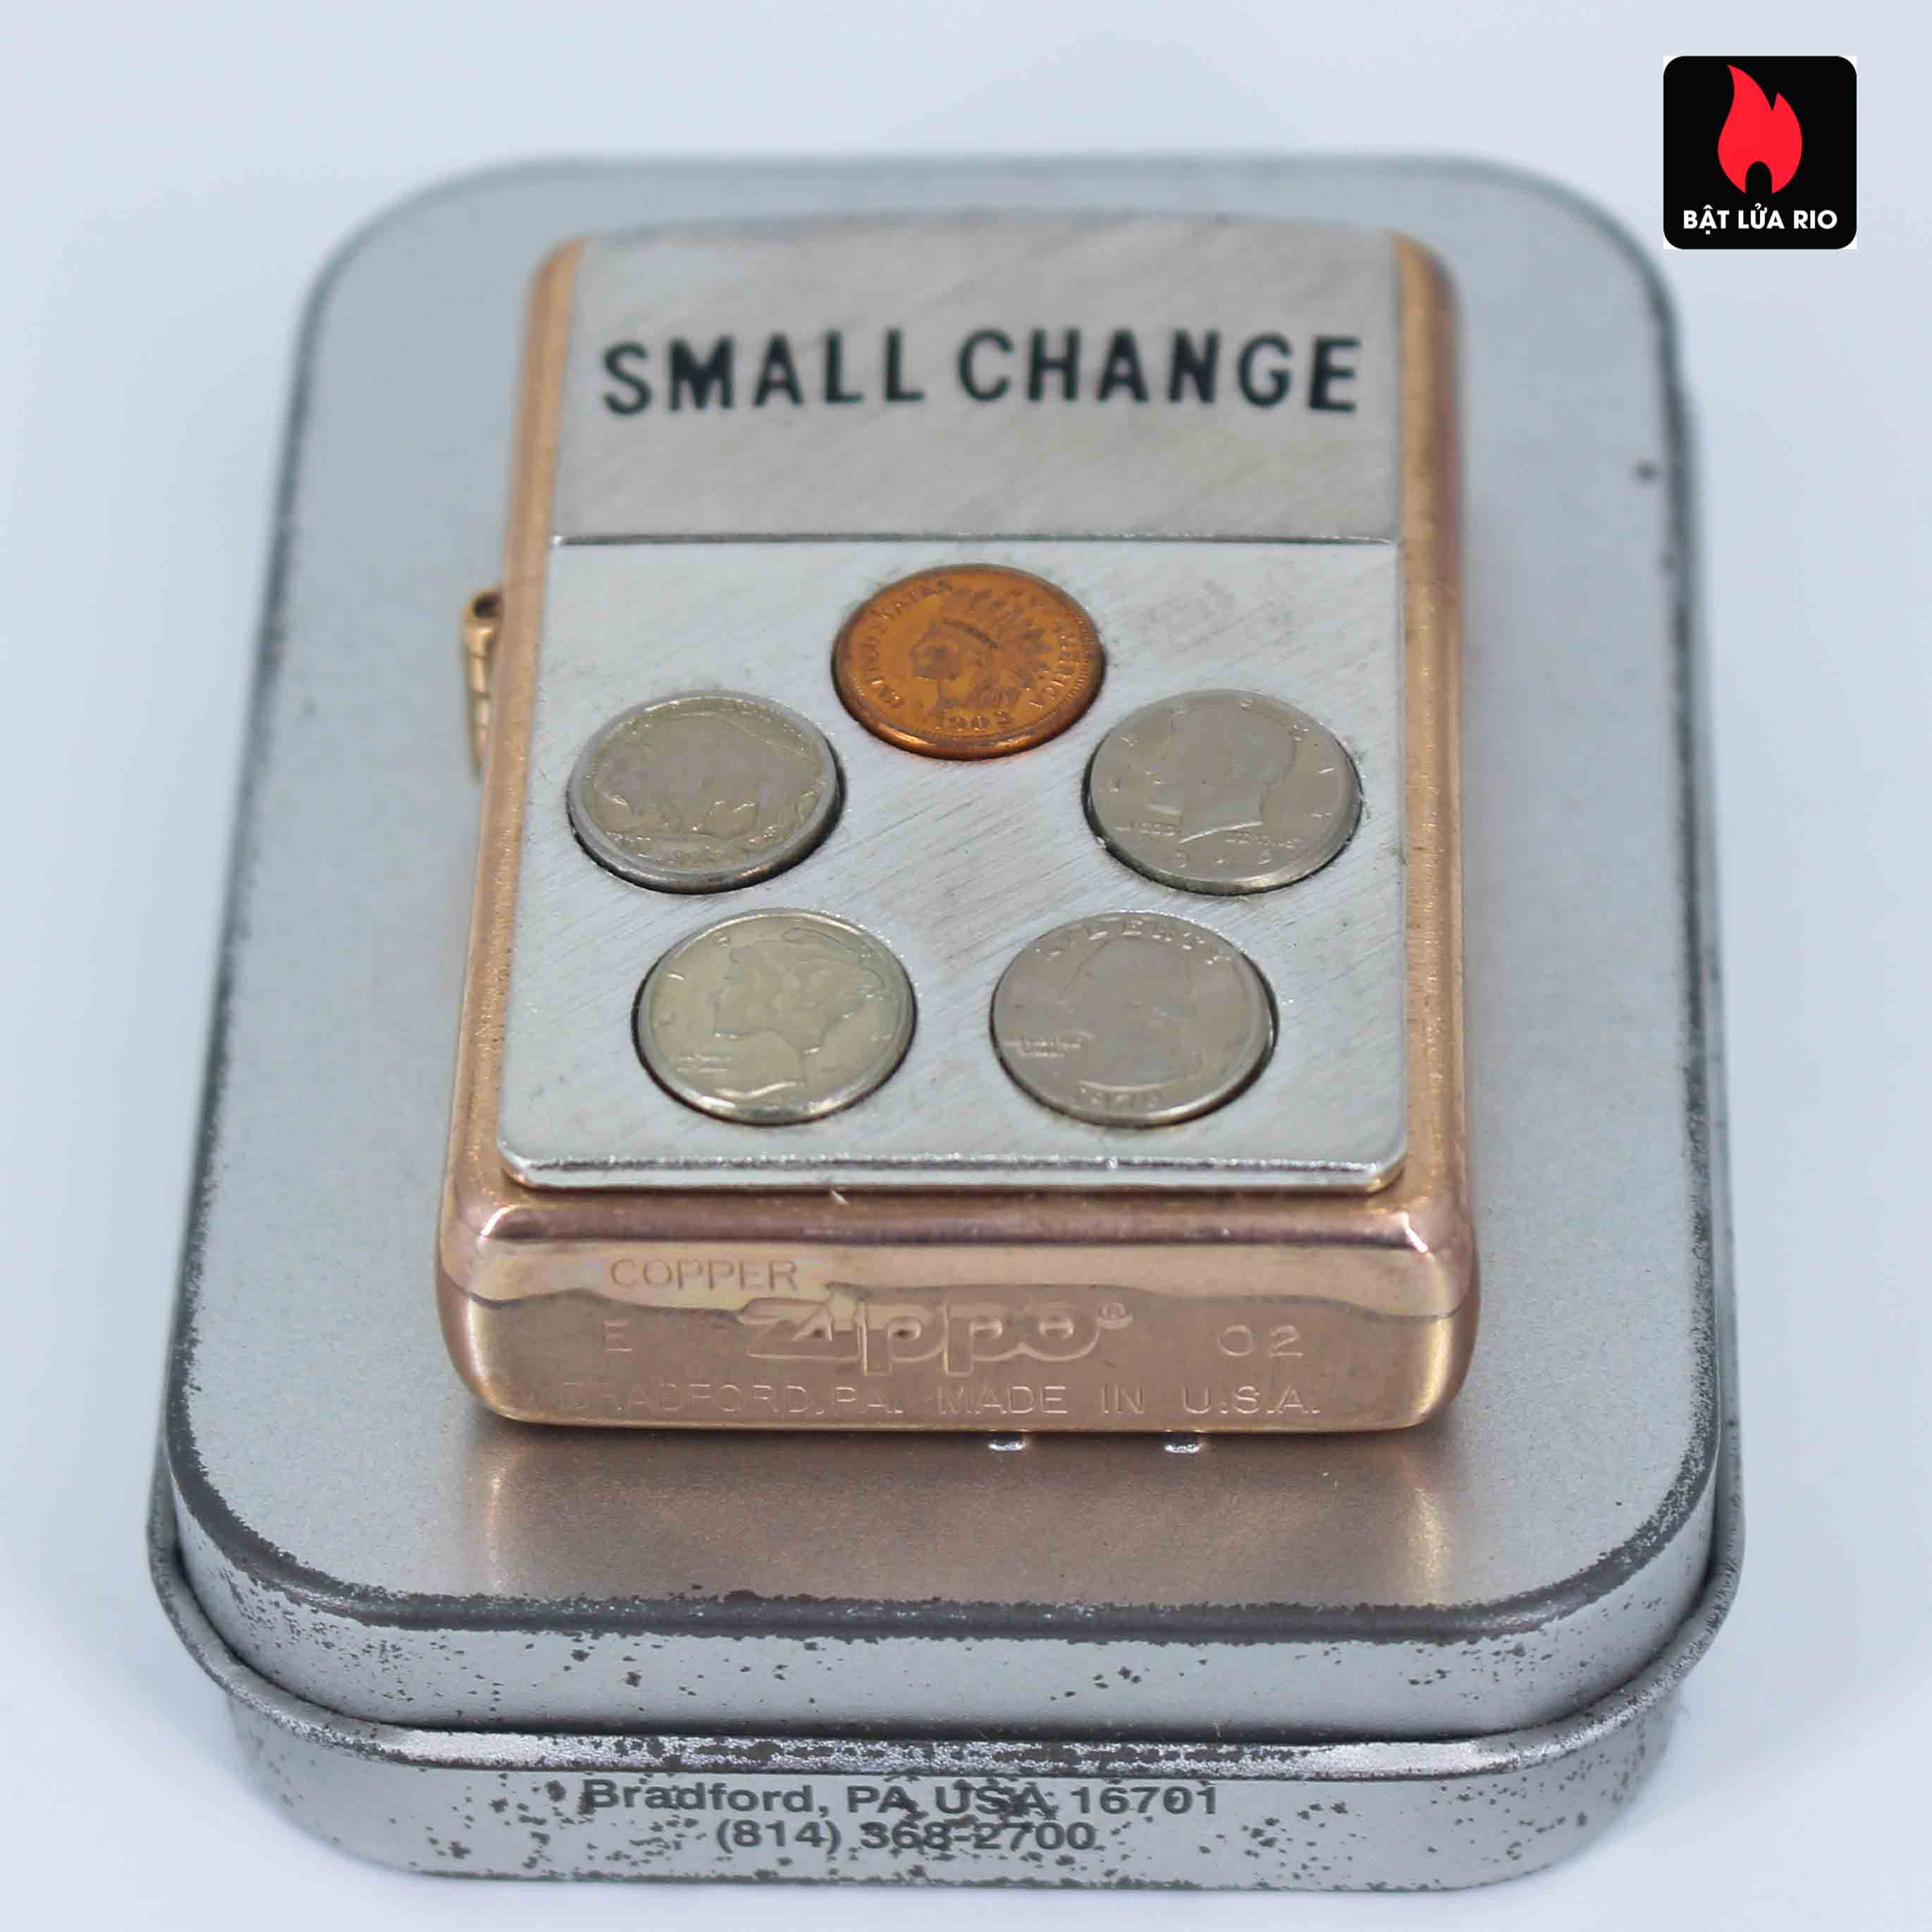 Zippo 2002 - Solid Copper Small Change - Đồng Đỏ Nguyên Khối 4